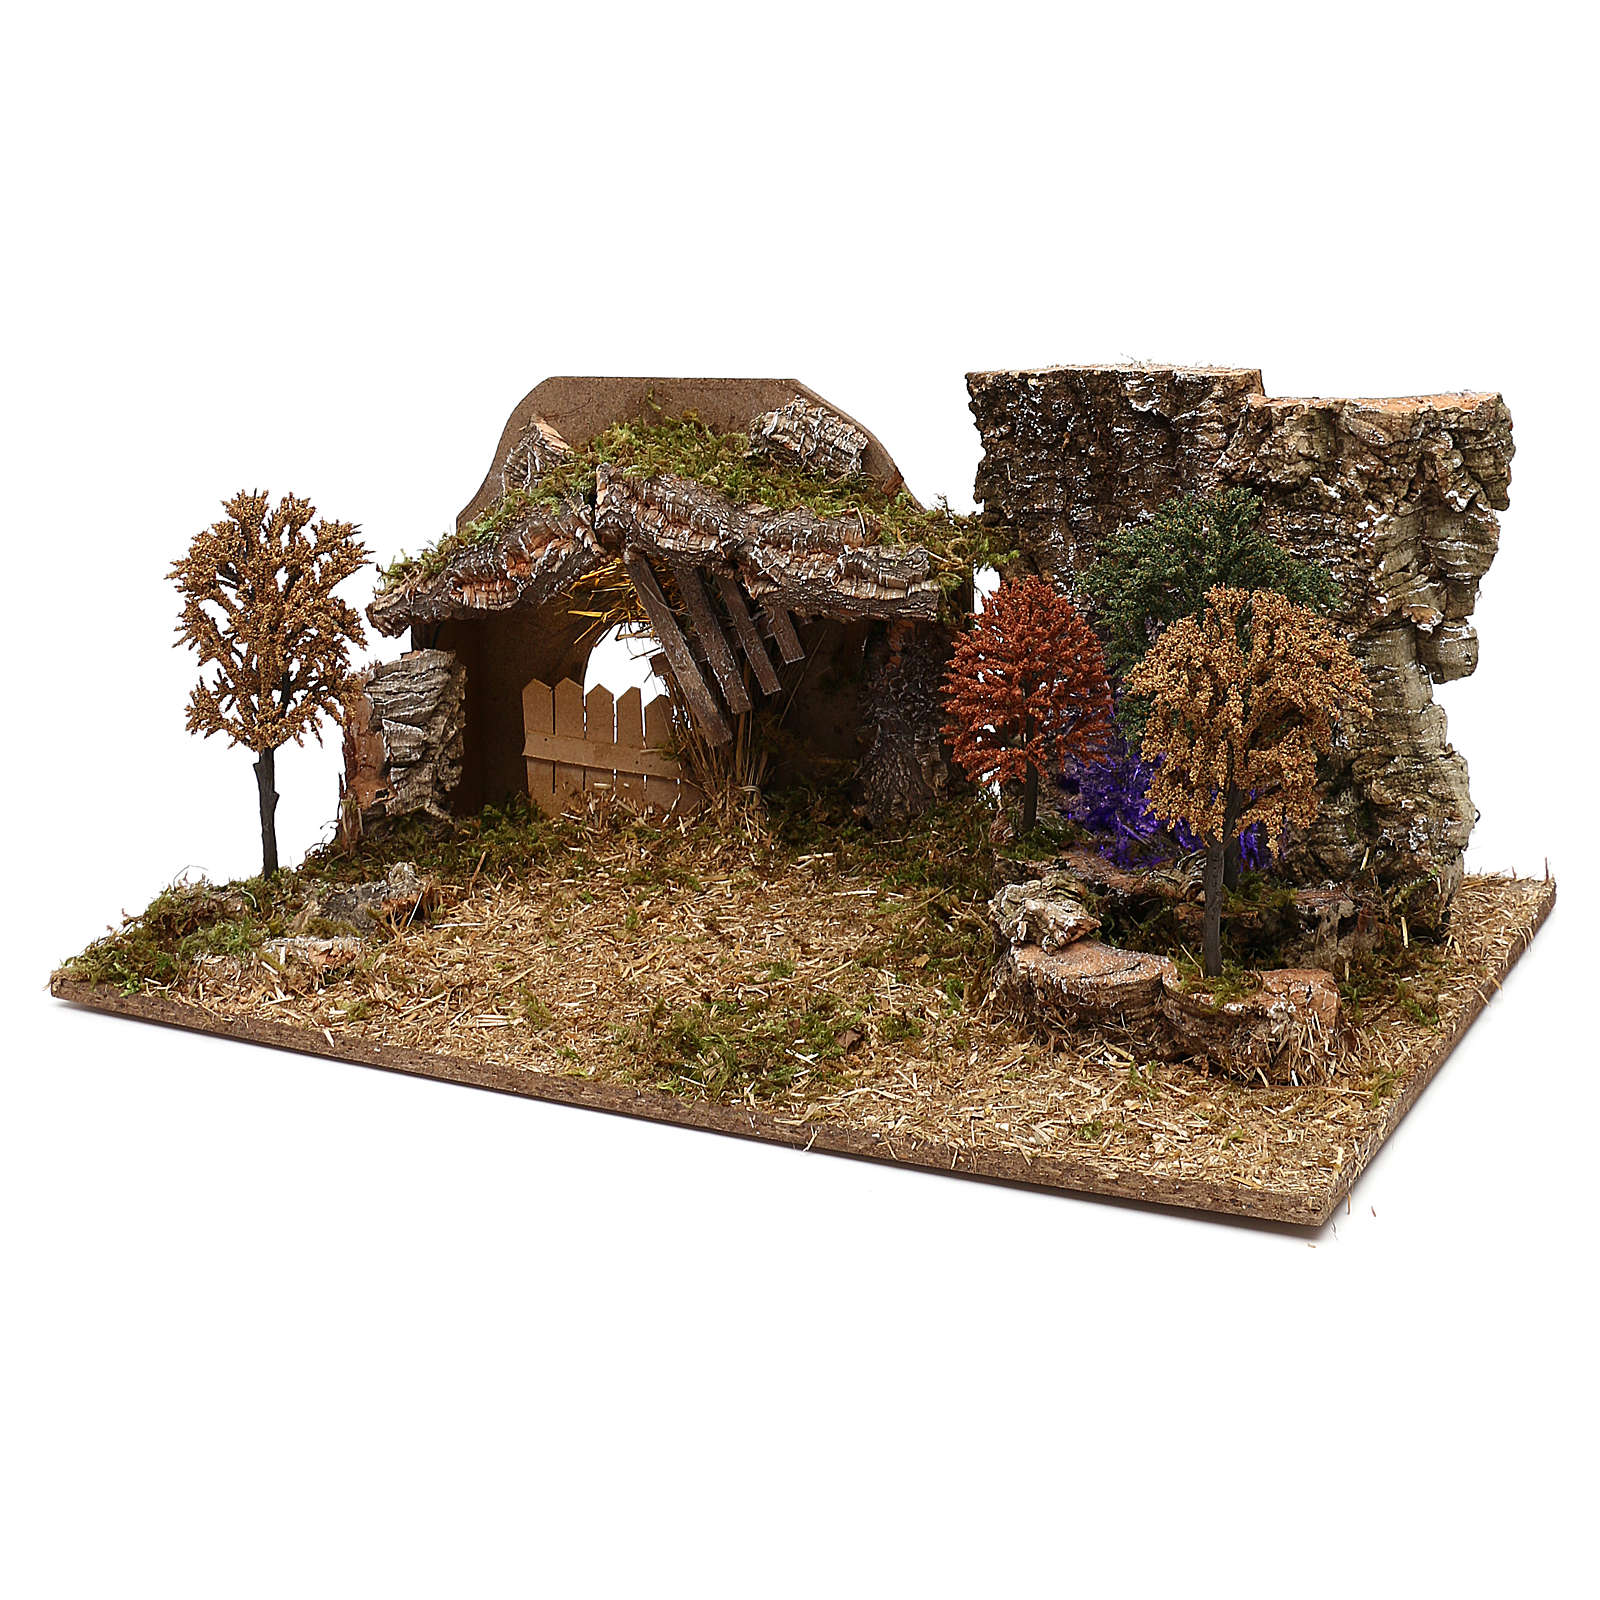 Cabane avec arbres crèche 10 cm 4